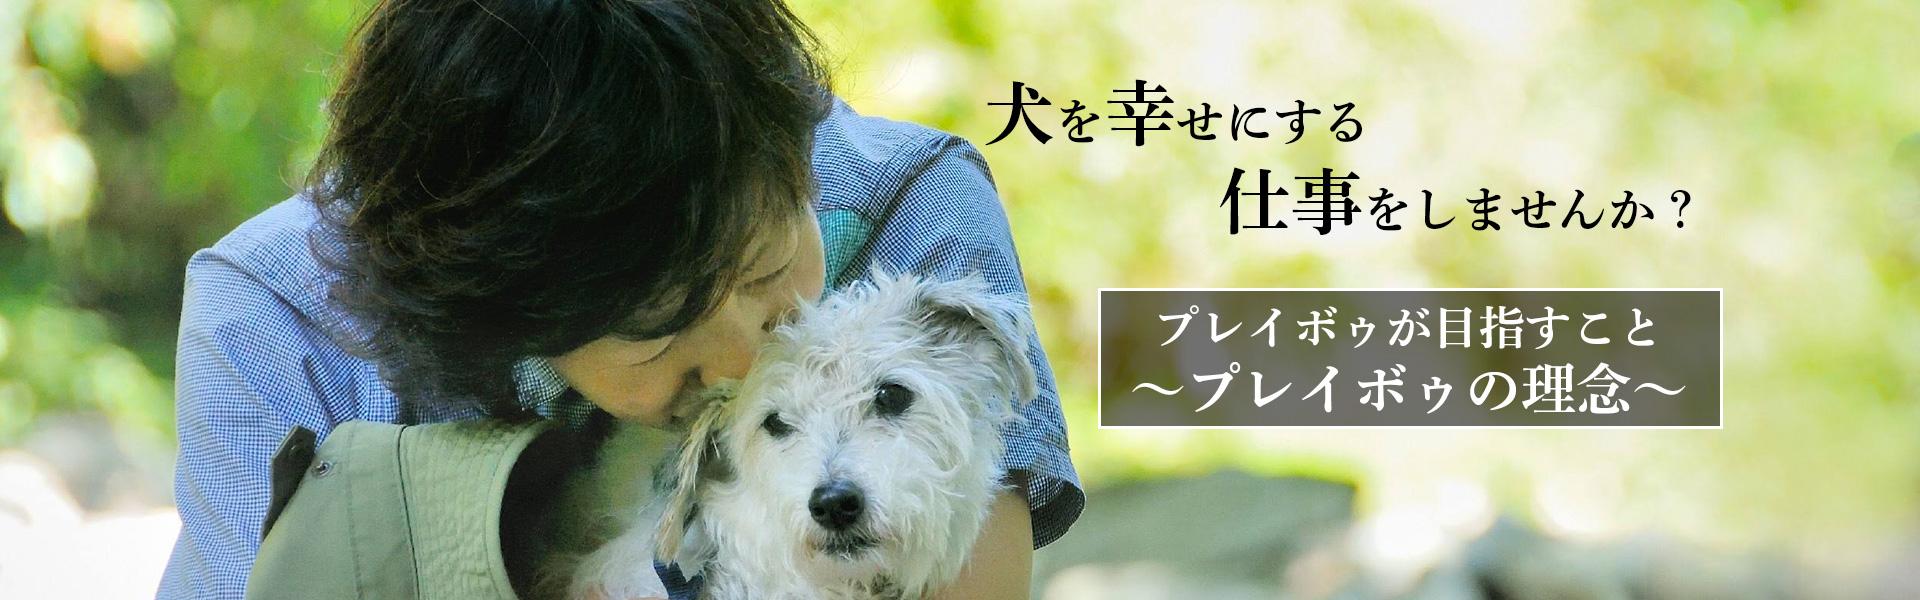 ドッグトレーナーという仕事が作る「犬を幸せにする世界」